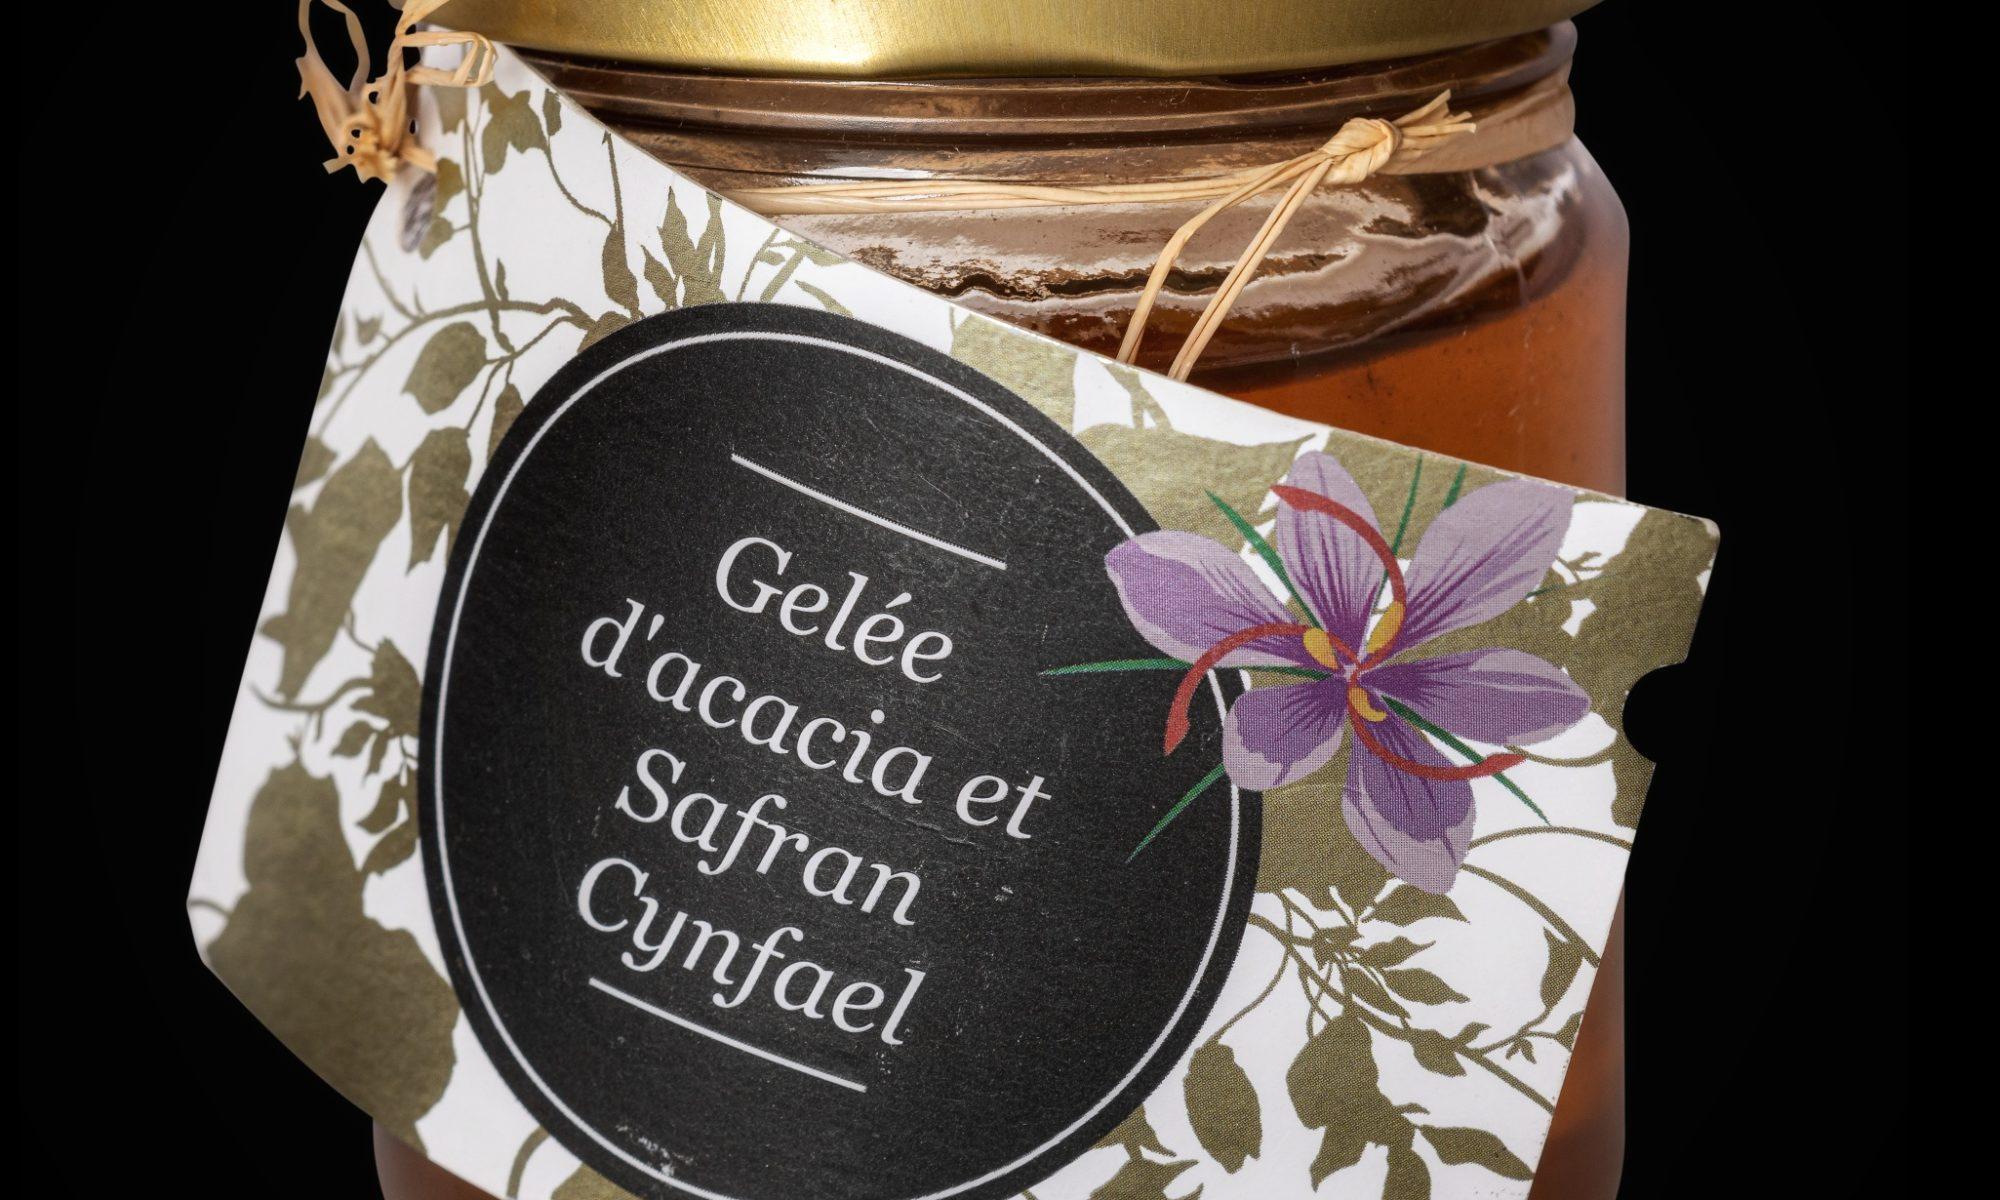 Gelée acacia et safran cynfael